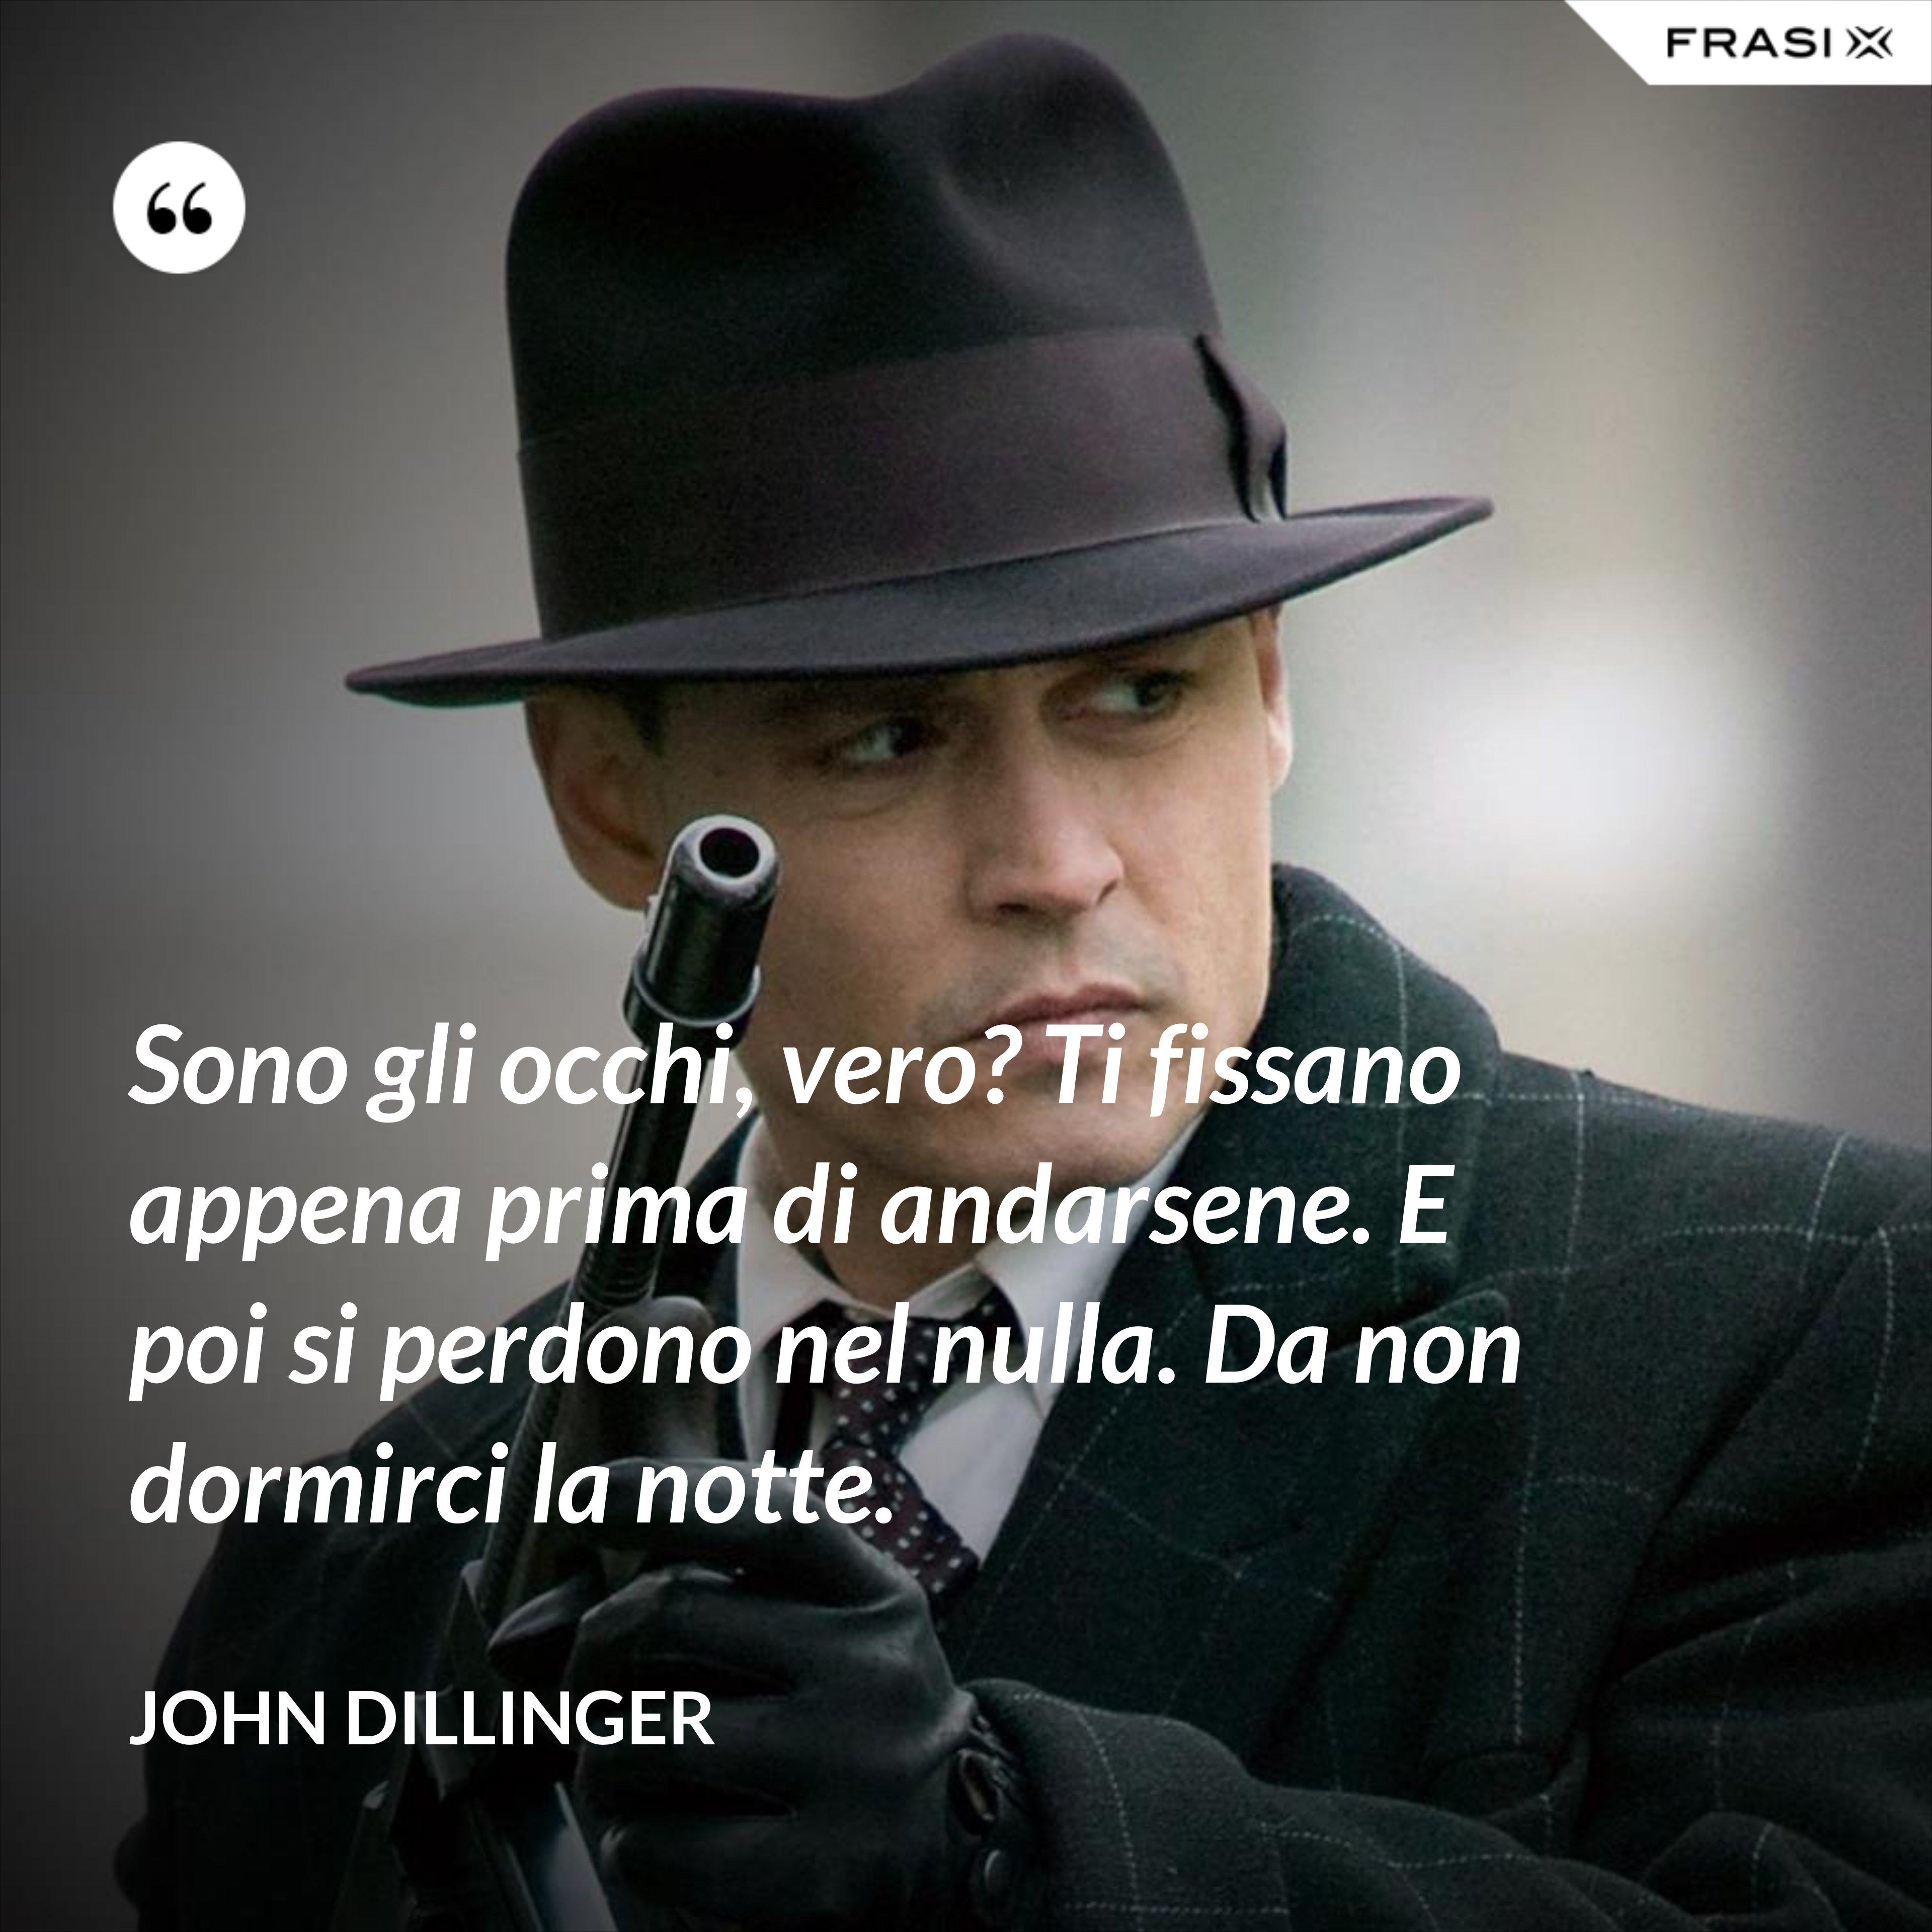 Sono gli occhi, vero? Ti fissano appena prima di andarsene. E poi si perdono nel nulla. Da non dormirci la notte. - John Dillinger